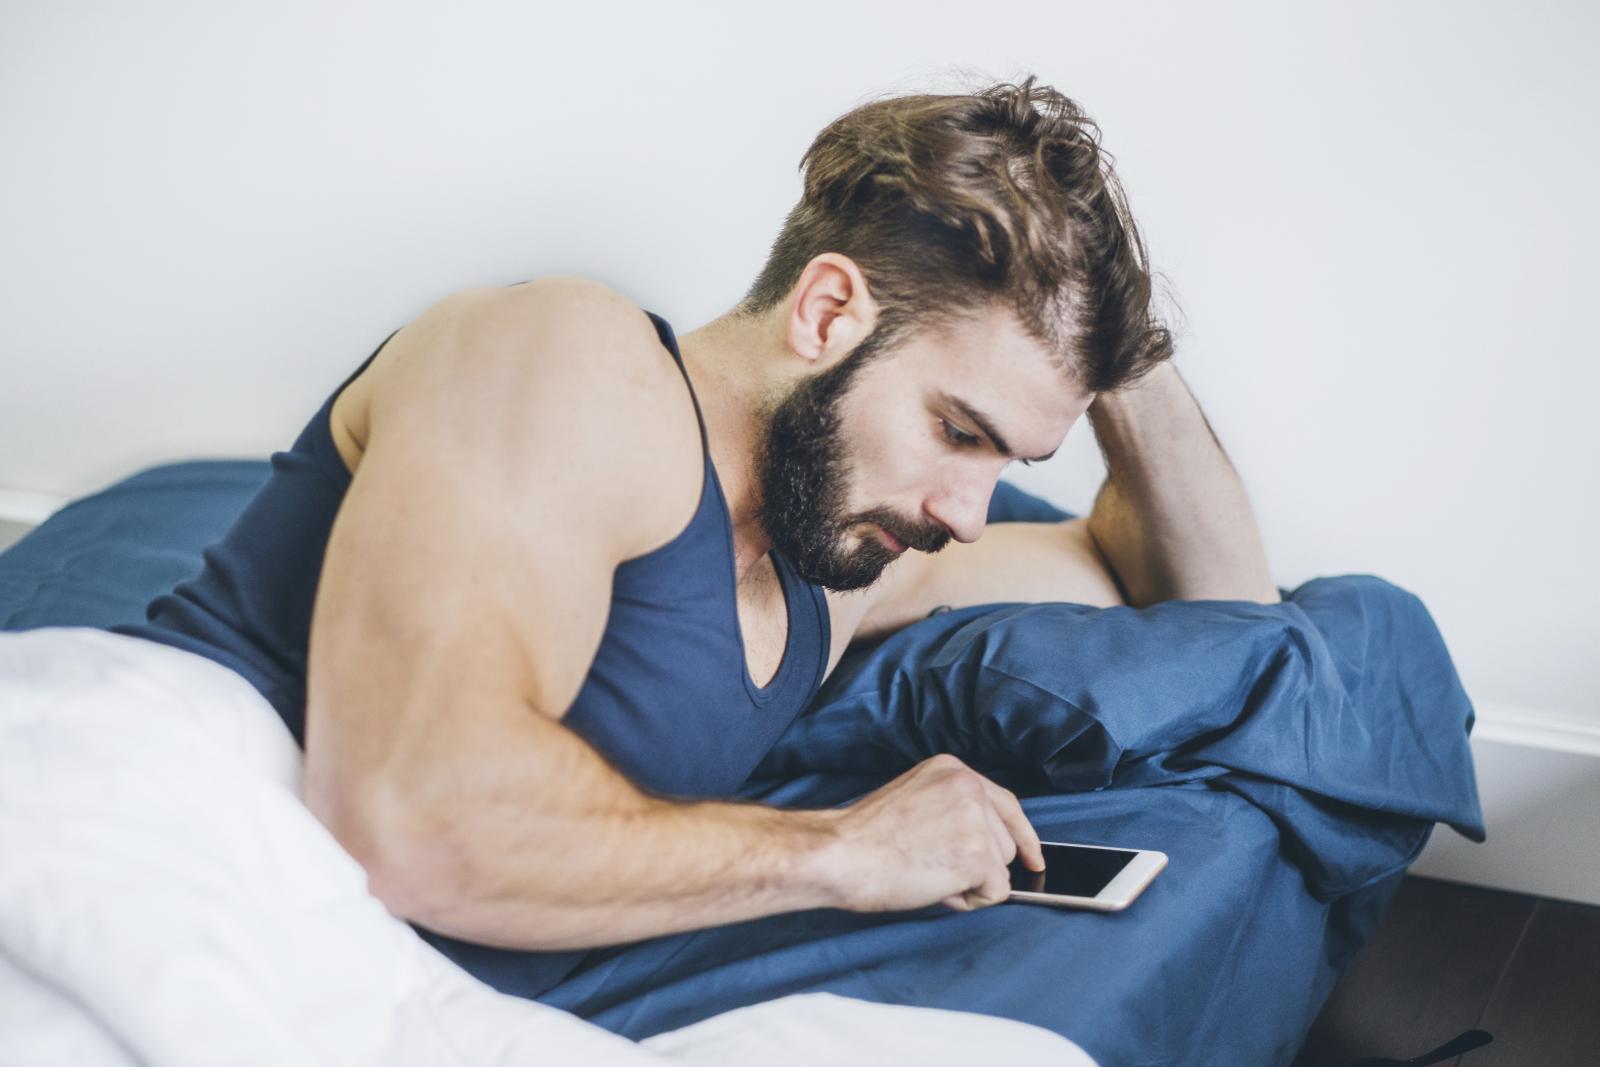 Istraživanja govore kako su muškarci skloniji cybersexu. Jedno od objašenjenja je kako su skloniji voajerizmu od žena.